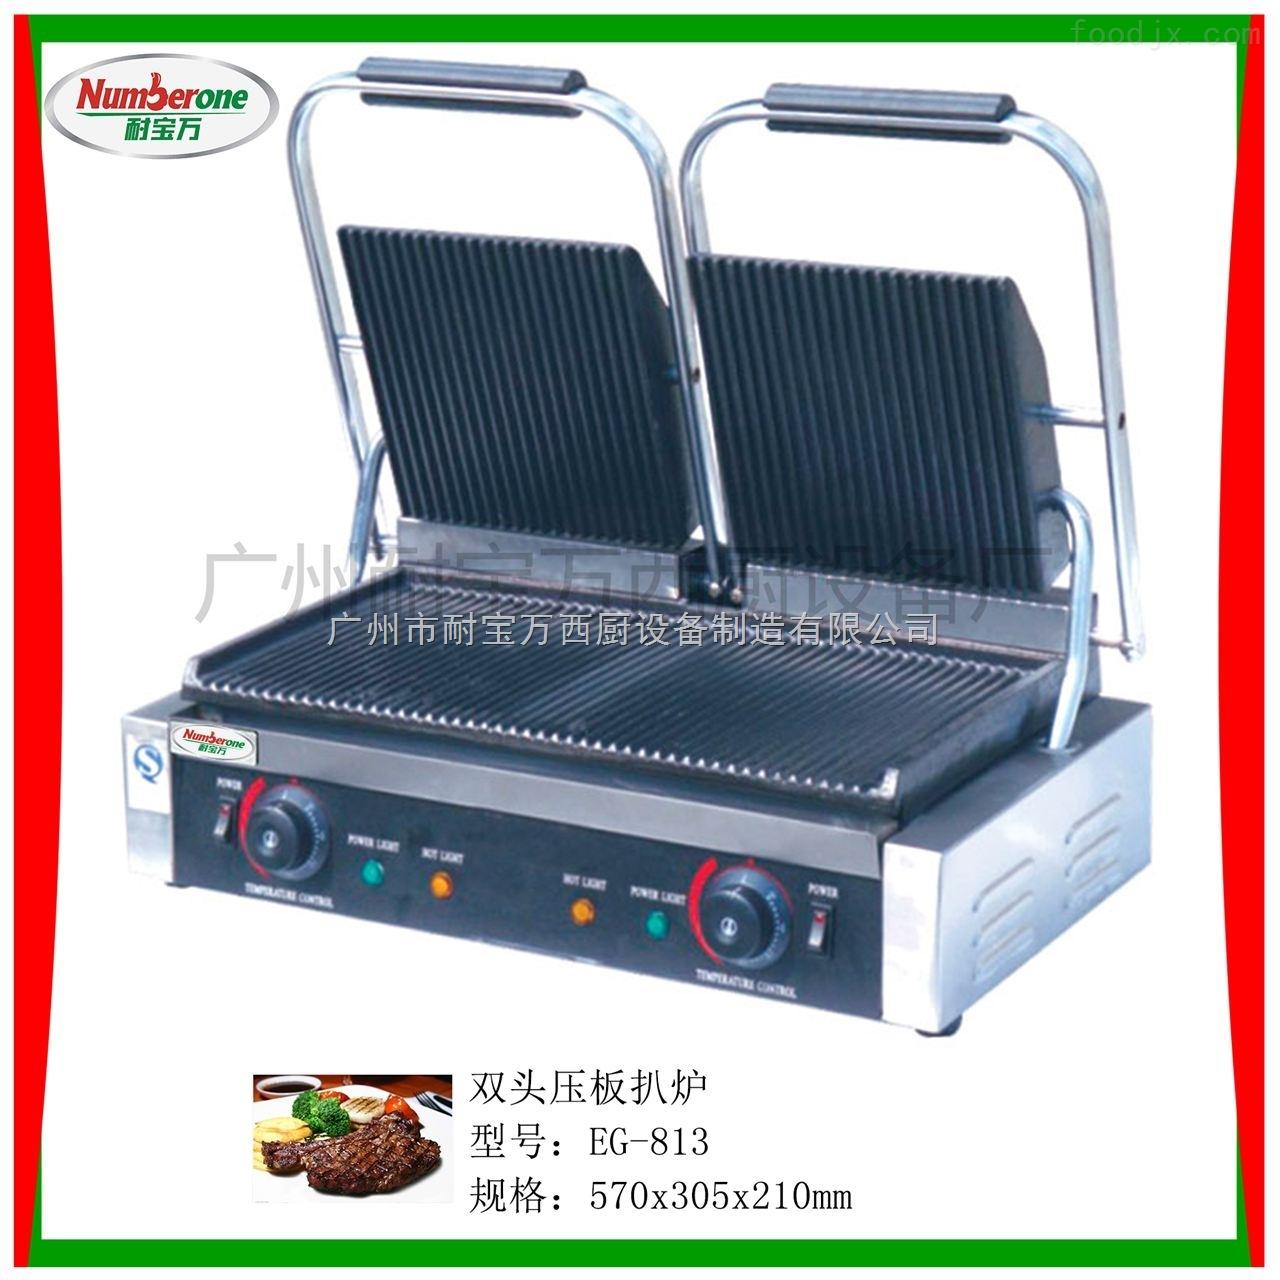 双头压板扒炉/坑纹三文治机/双面扒炉/煎饼机/扒炉